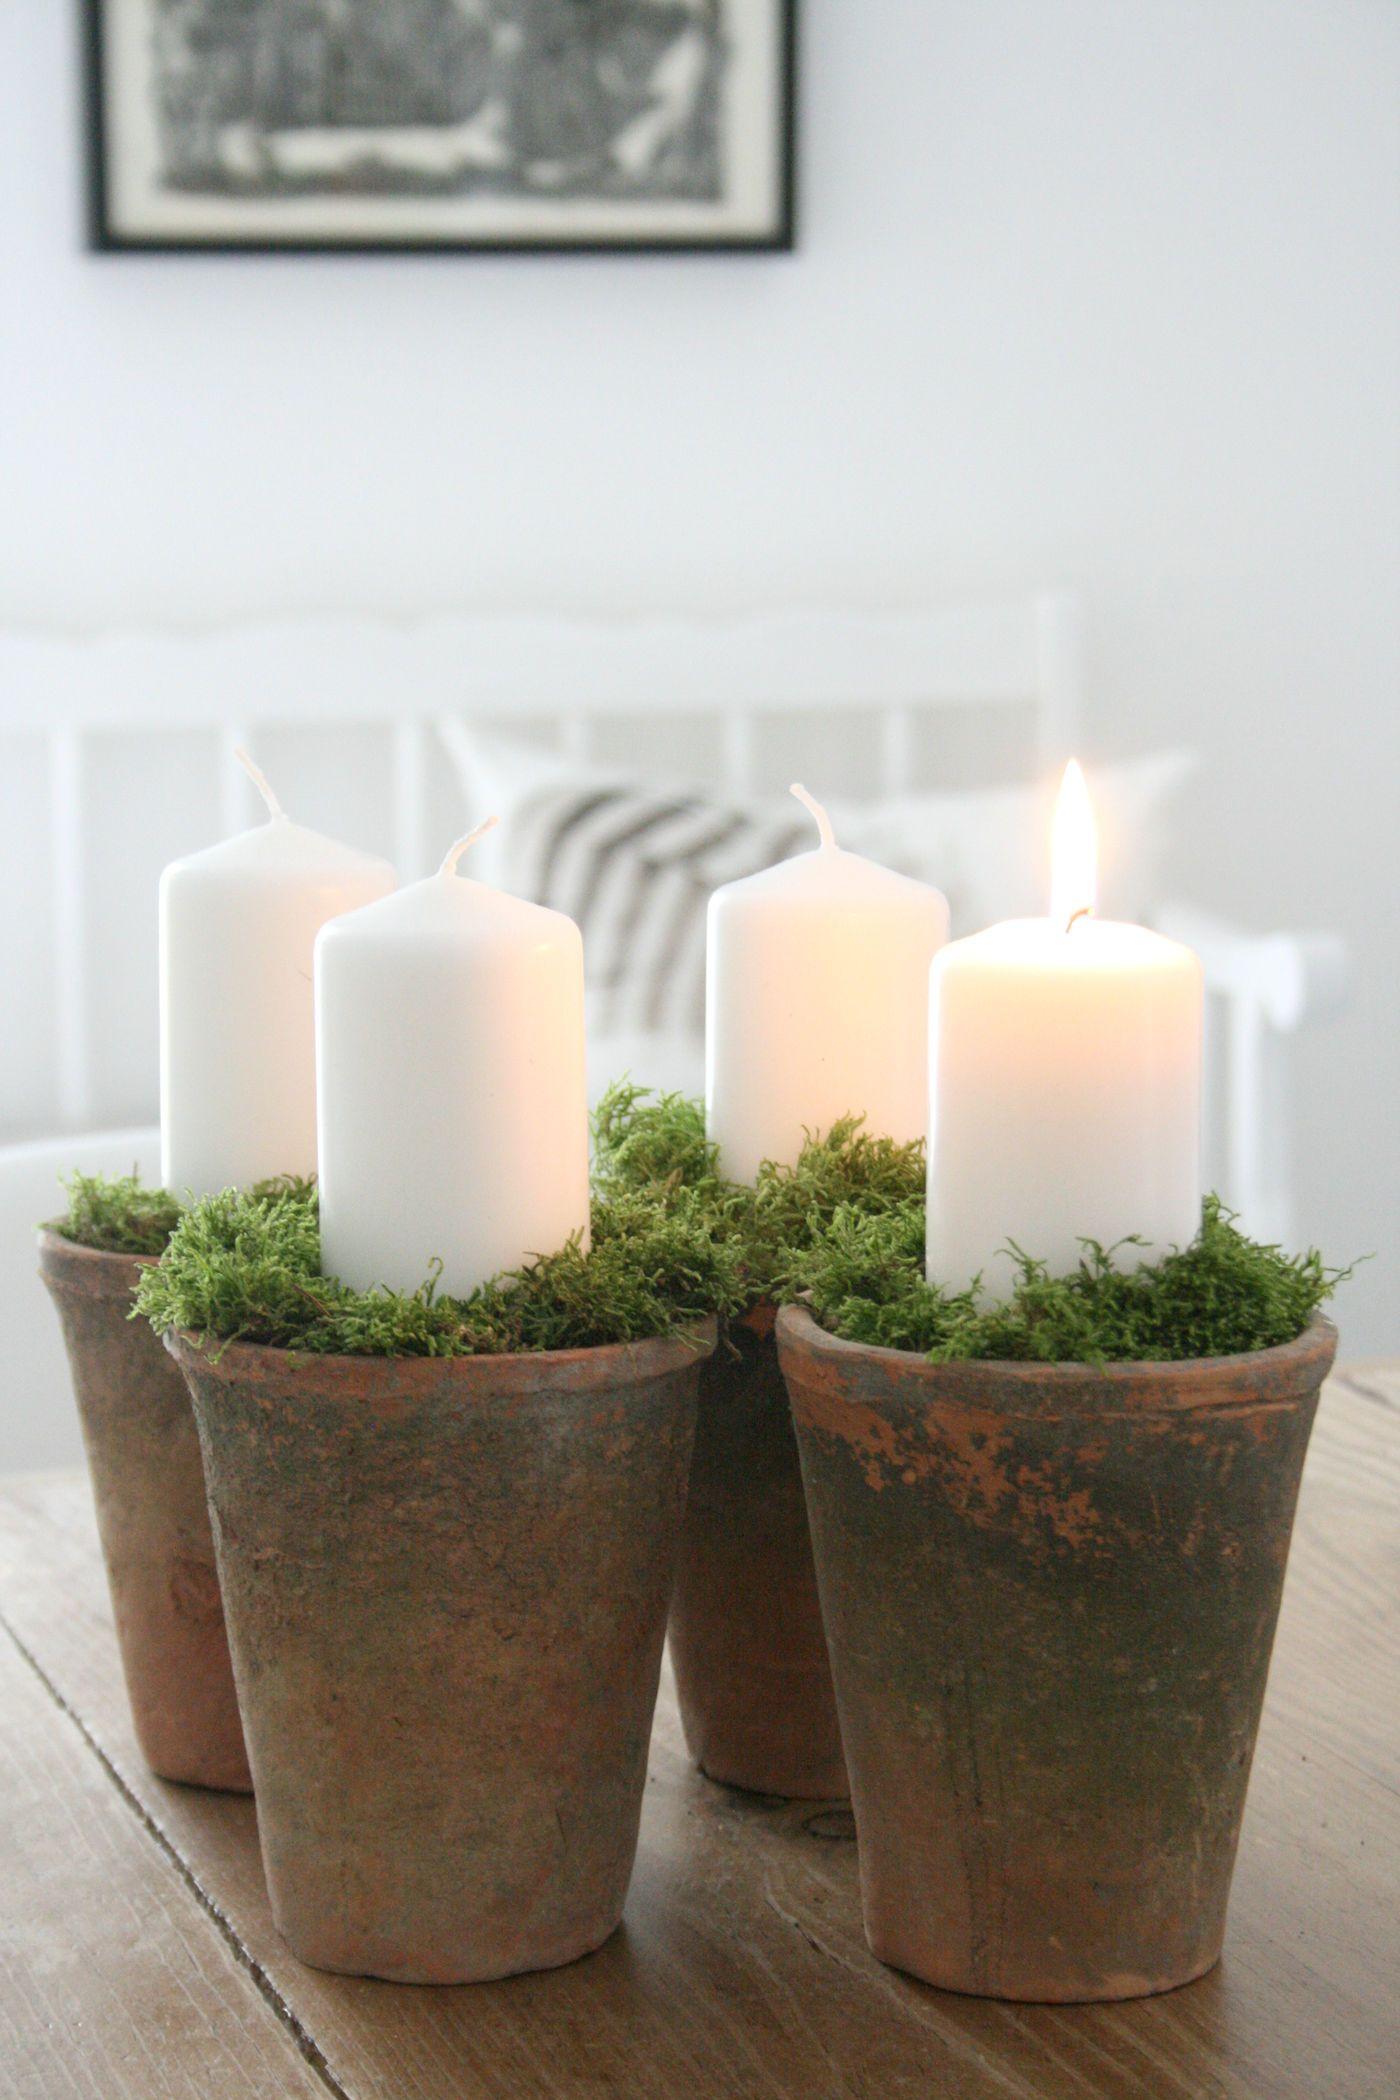 die besten ideen f r deinen adventskranz seite 2. Black Bedroom Furniture Sets. Home Design Ideas